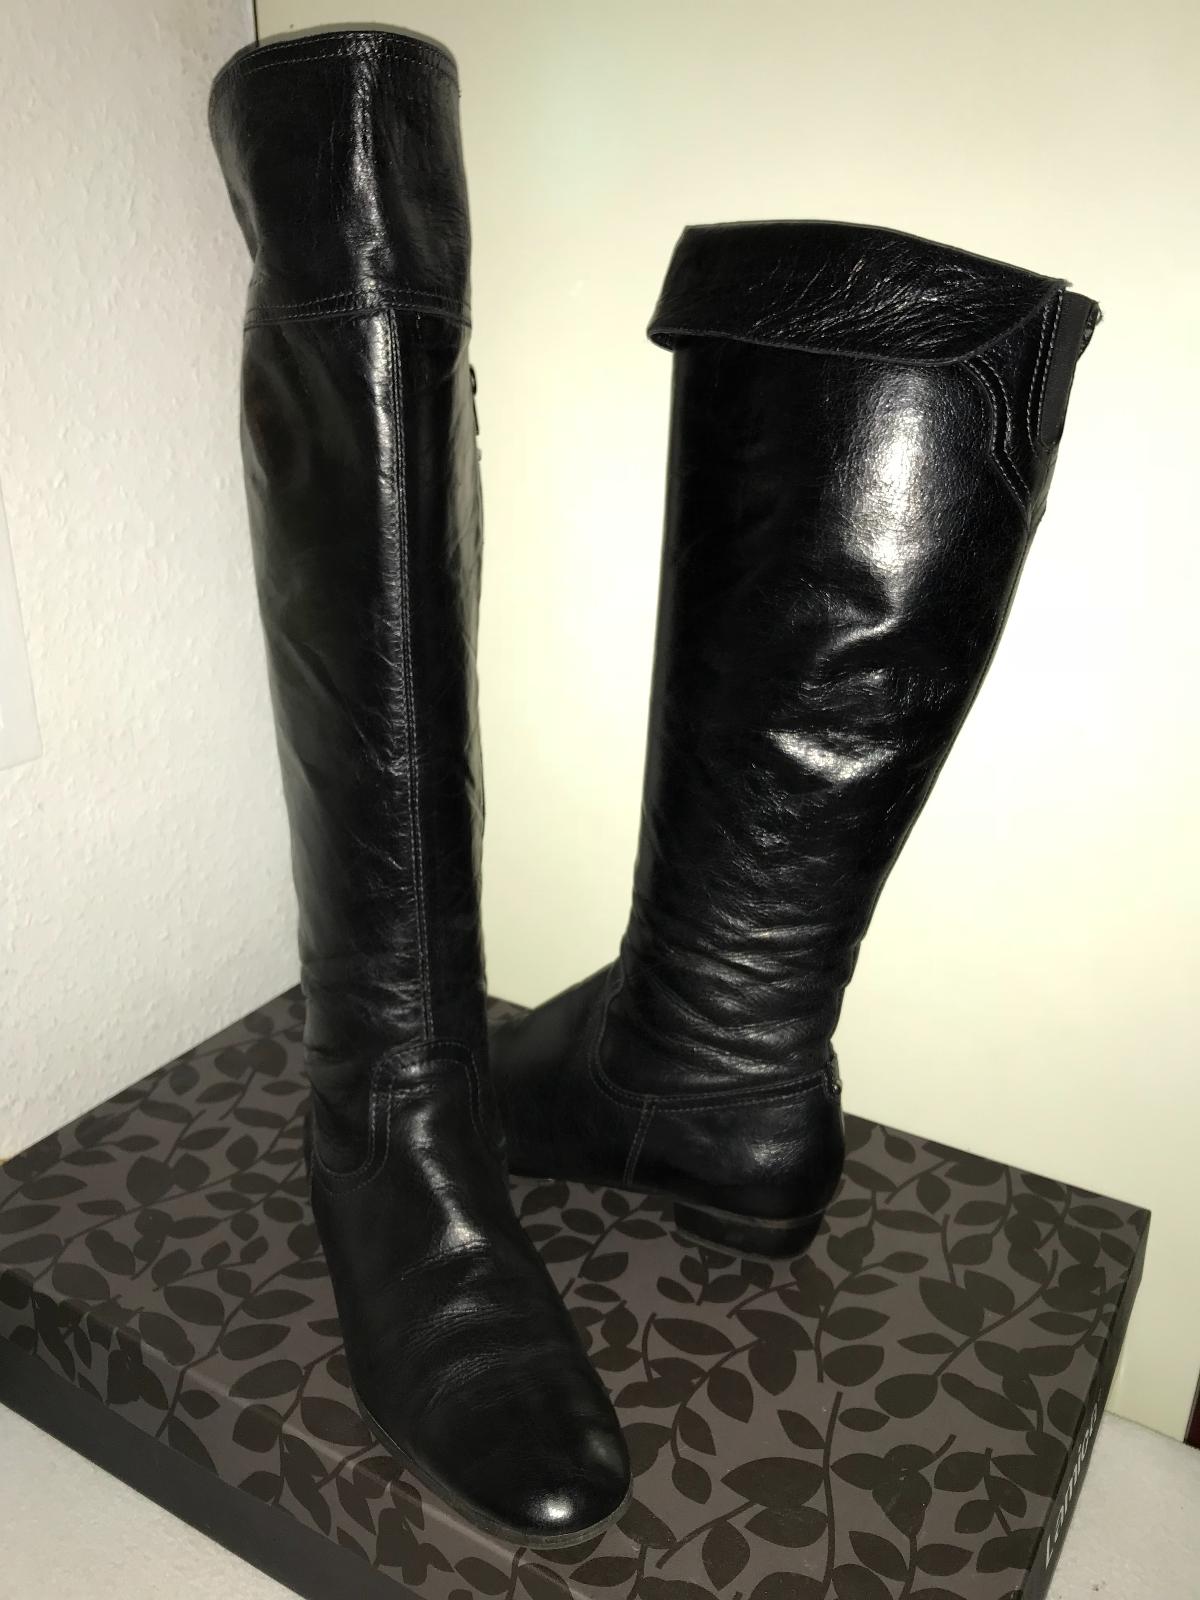 Overknee Stiefel variabel Lamica, Gr. 41 italienisches Design, schwarz